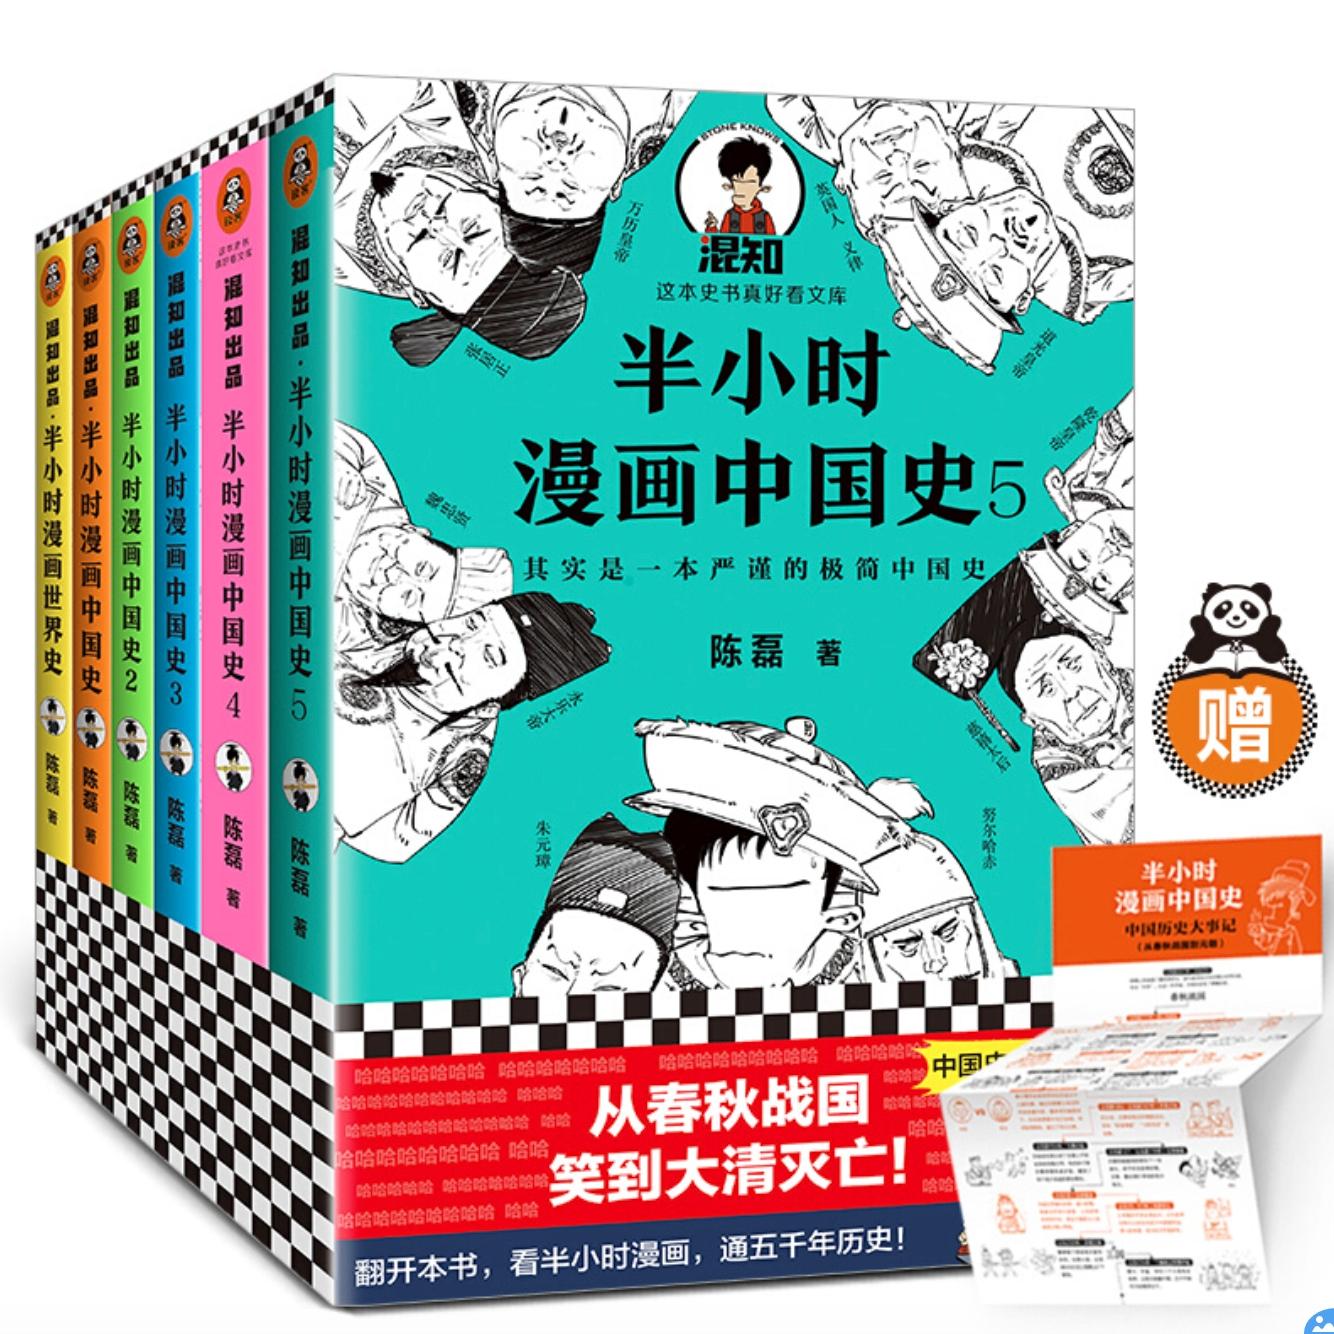 《半小时漫画中国史1-5+世界史》全6册 赠送历史大事记,附混子哥手绘